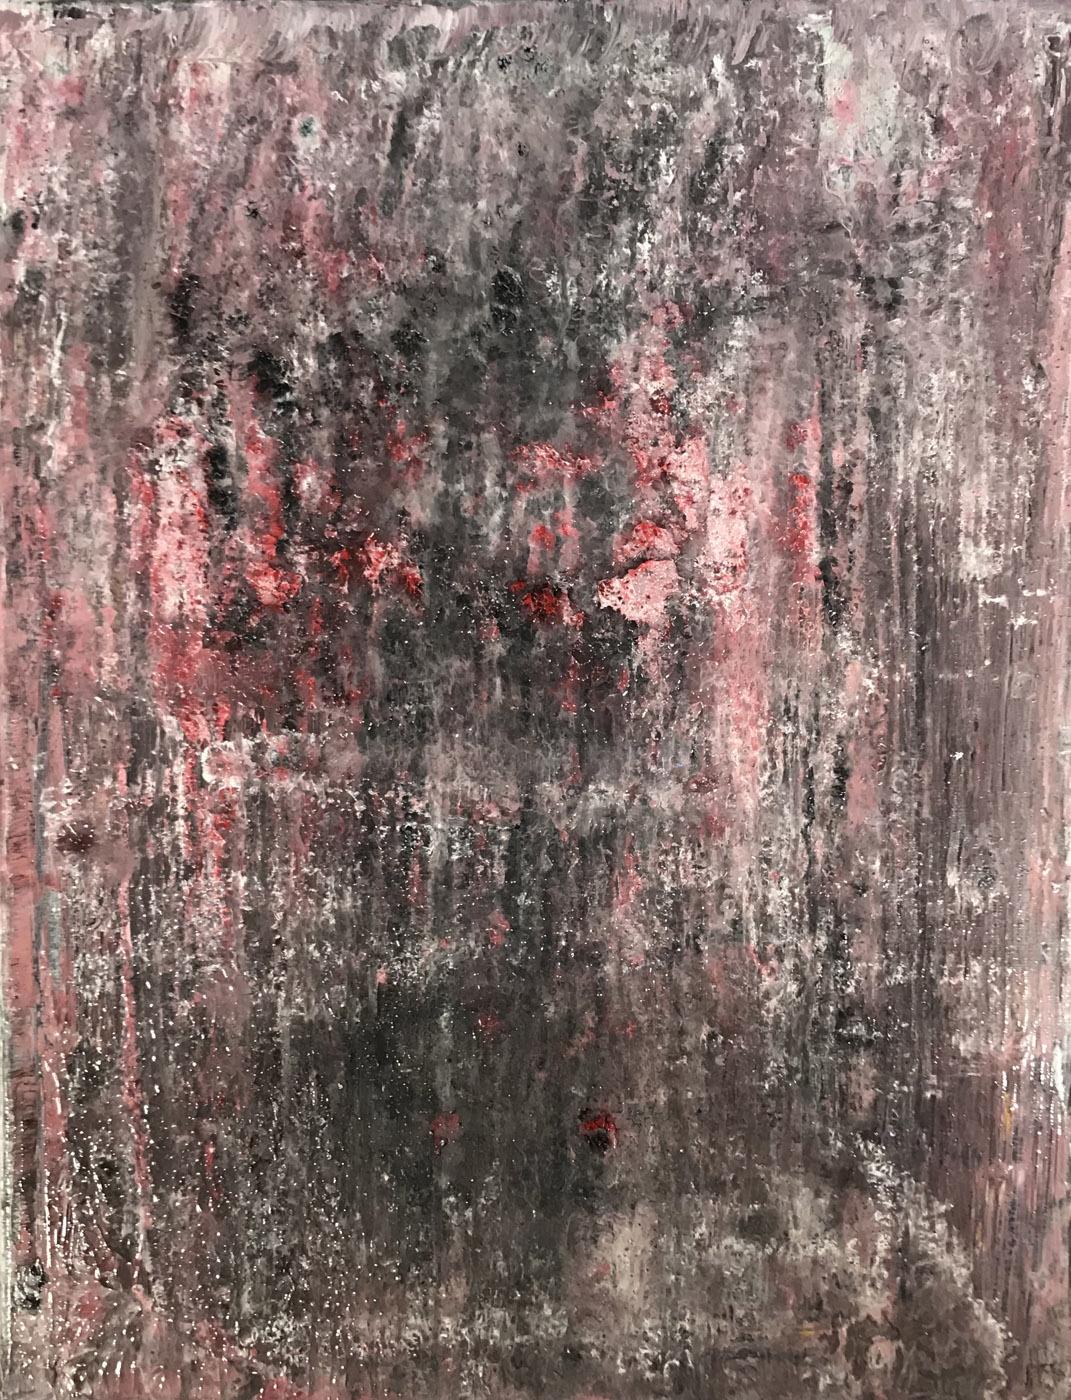 MARC FELD 2020 BRASIER 1 Huile sur papier marouflé sur toile 50 x 65 cm